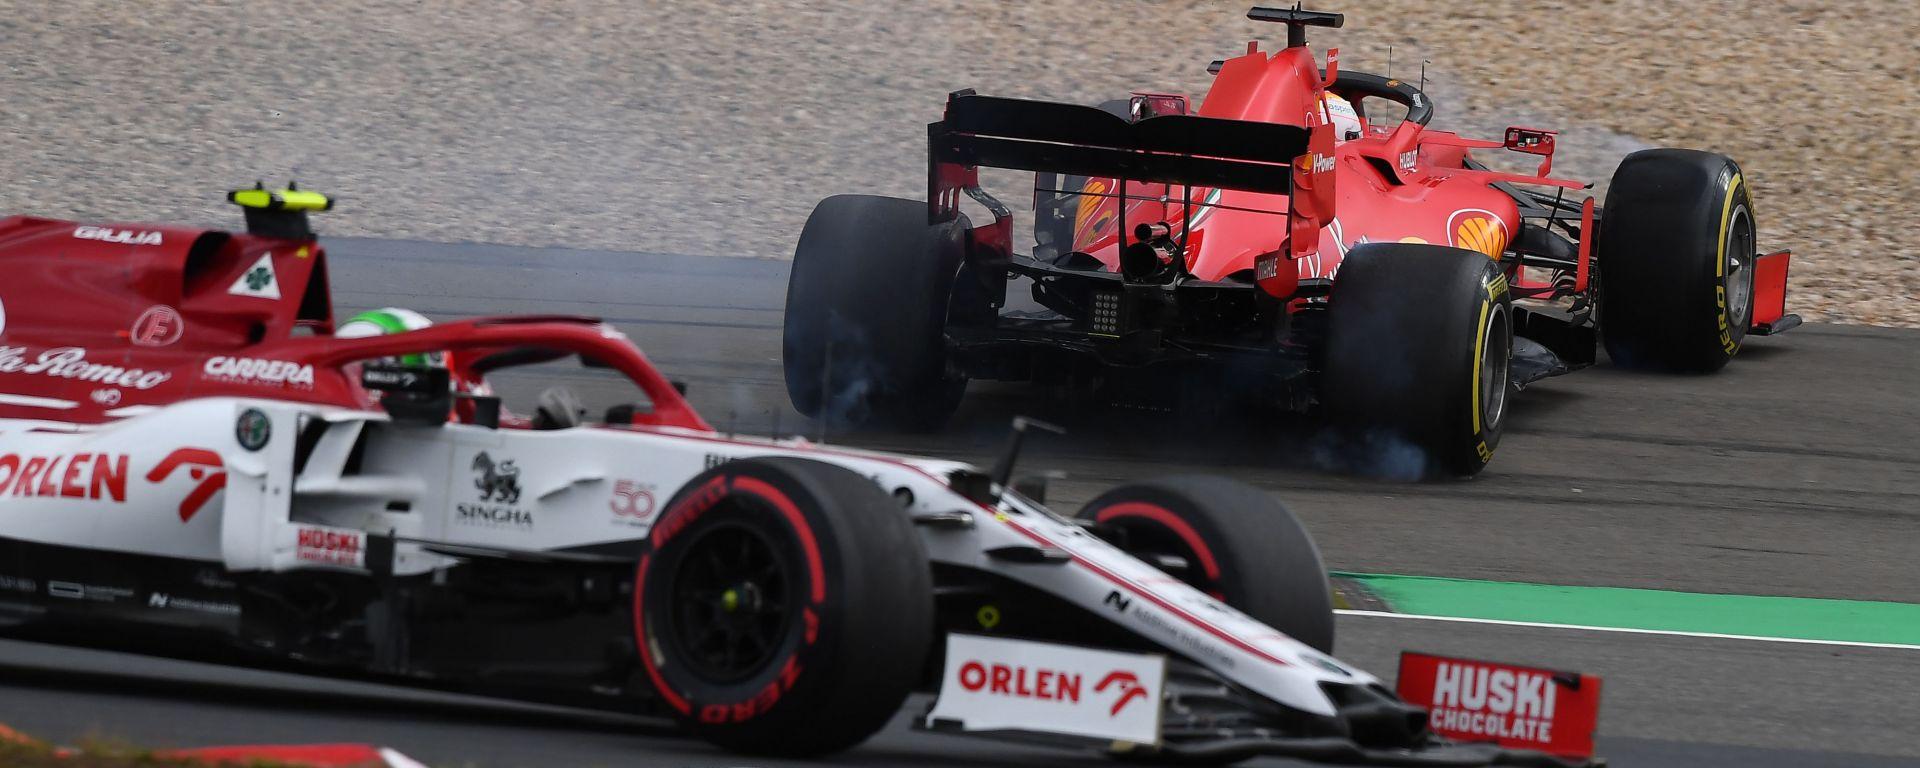 F1 GP Eifel 2020, Nurburgring: il testacoda di Sebastian Vettel (Scuderia Ferrari)